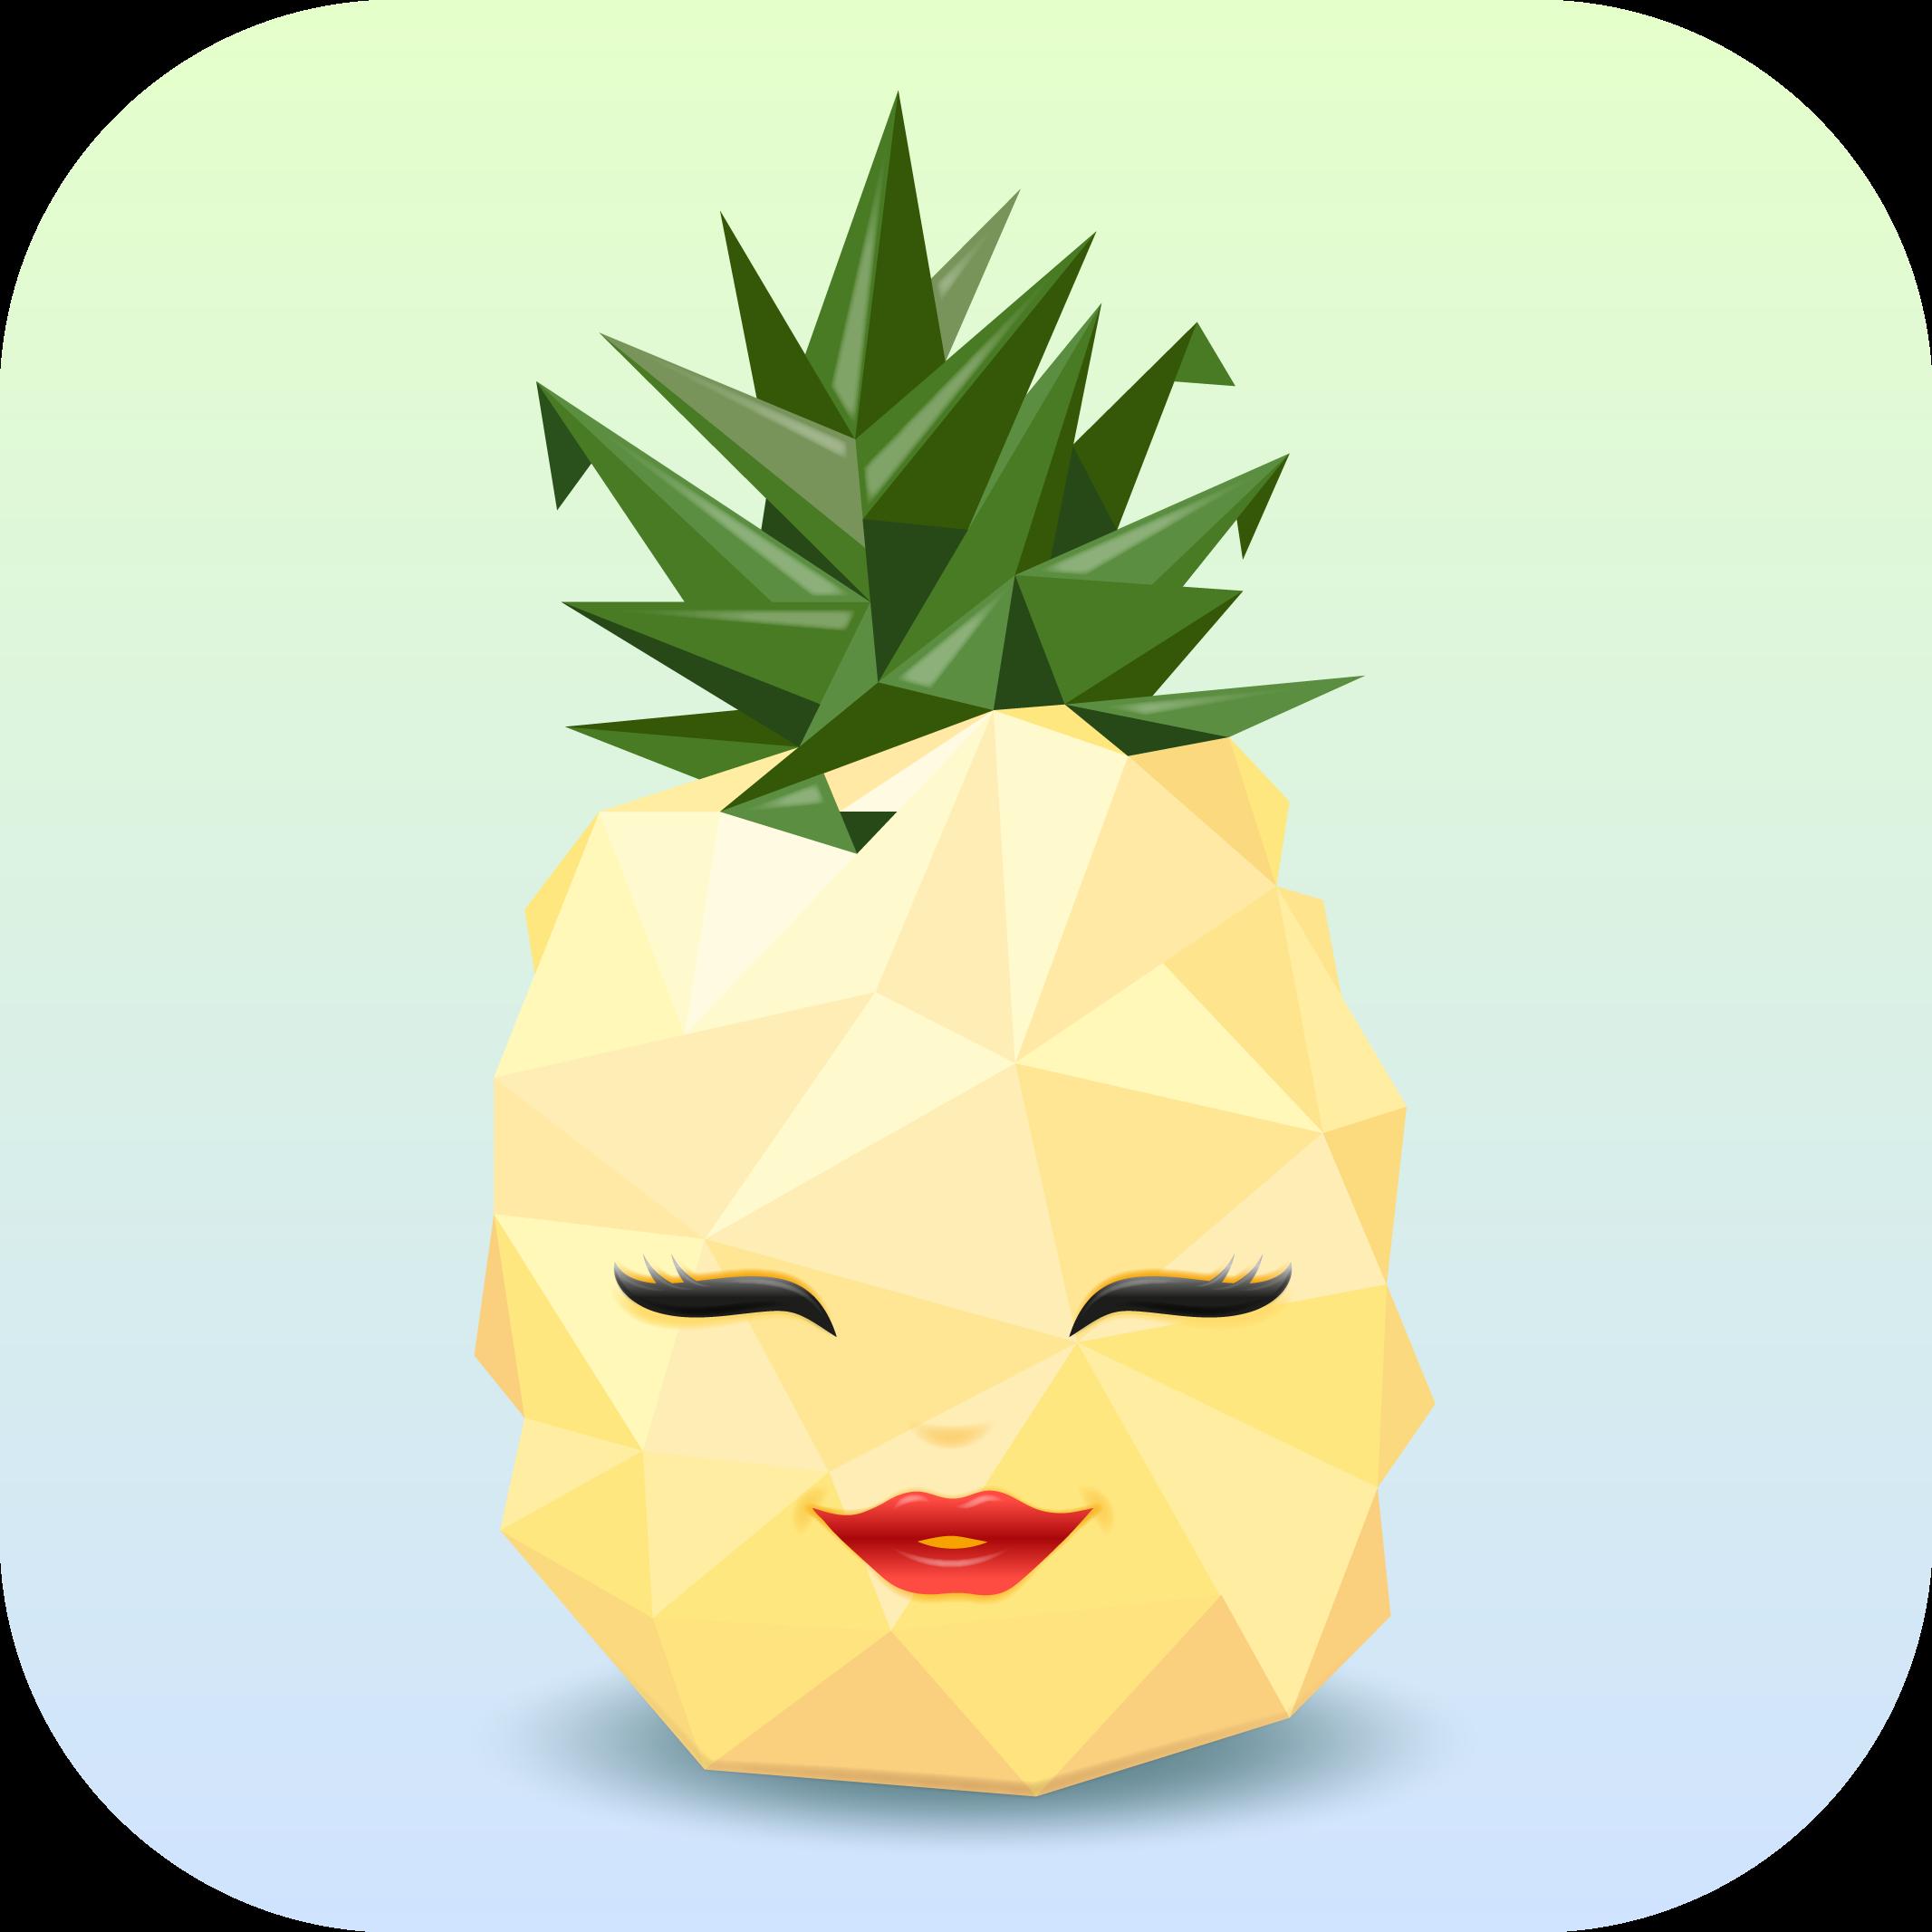 Fotografia Pineapple APP. Aportamos fuerza y visibilidad a los